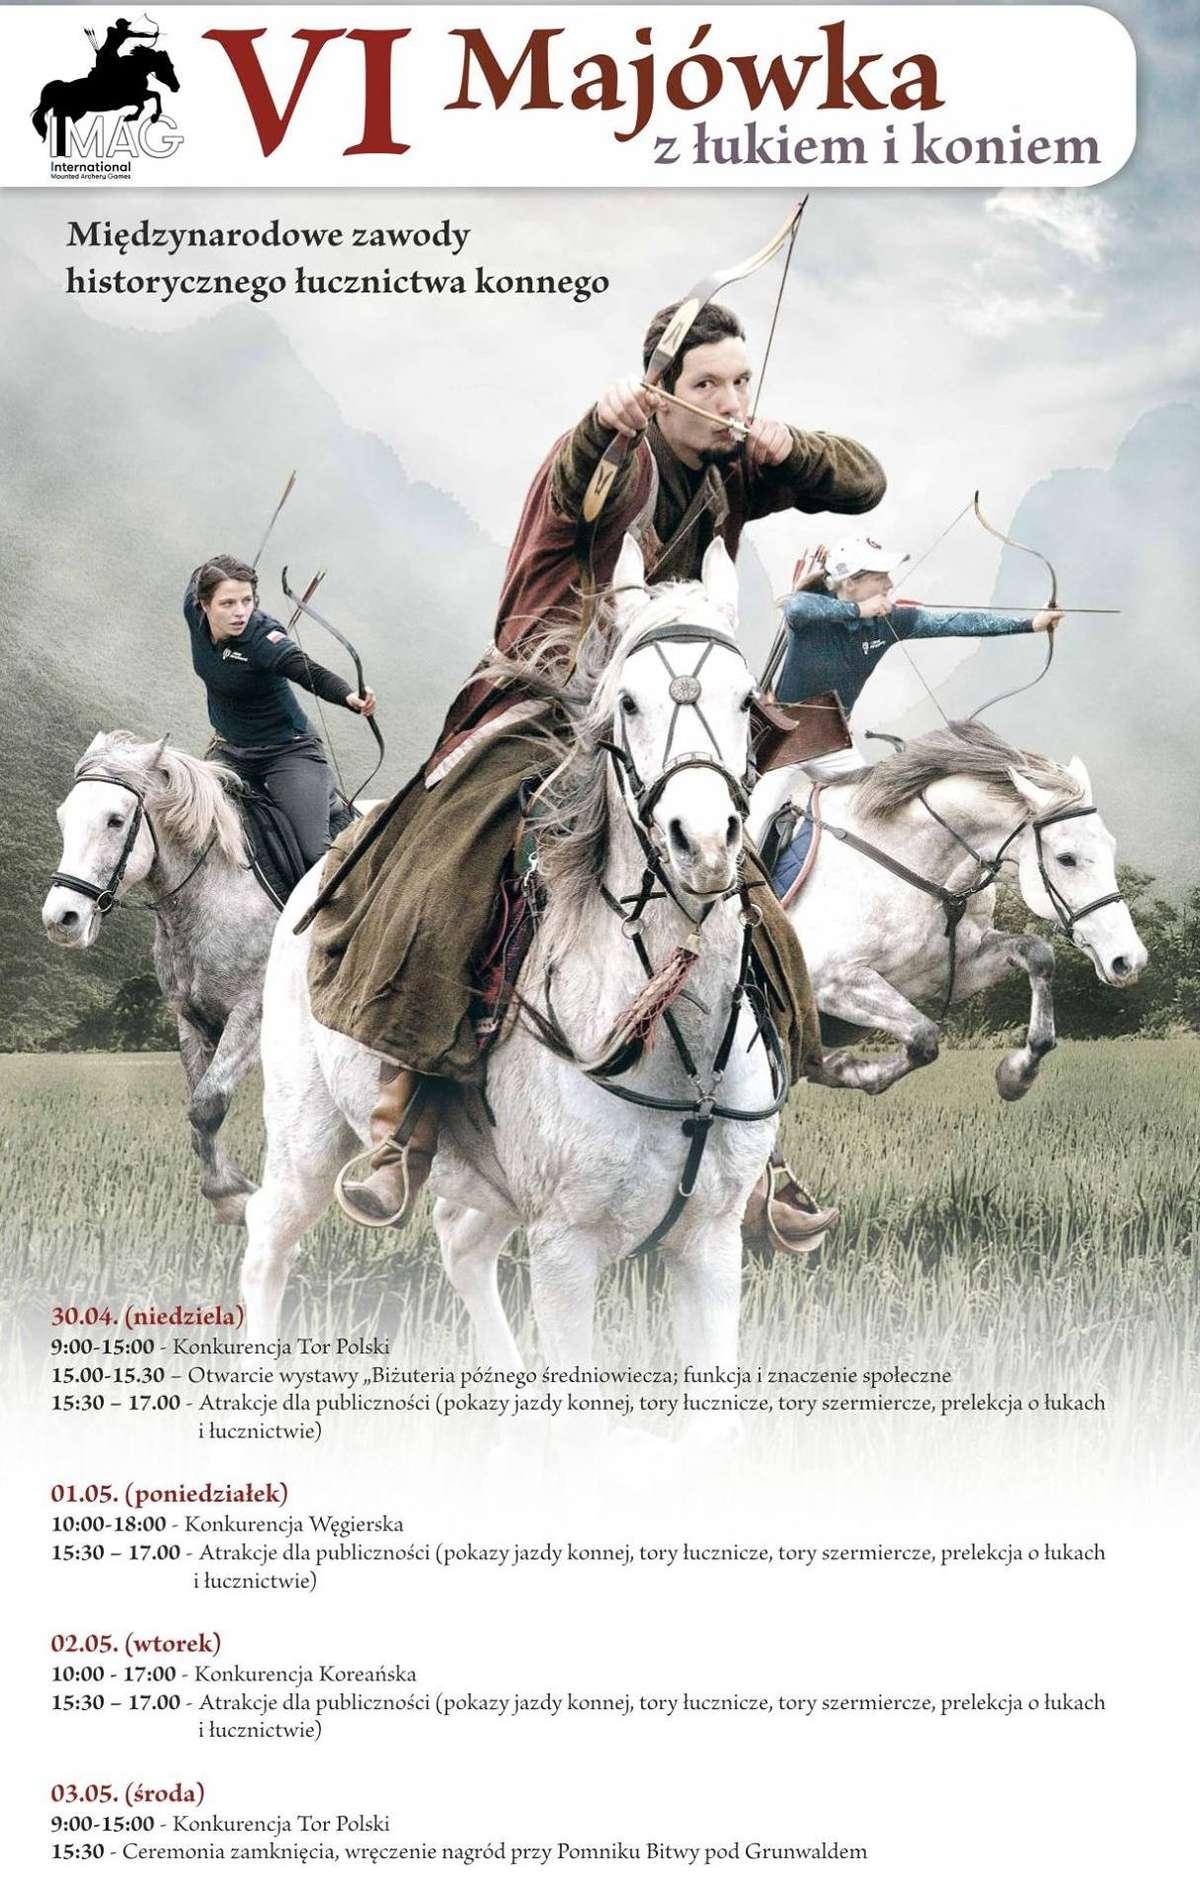 Majówka z łukiem i koniem - full image